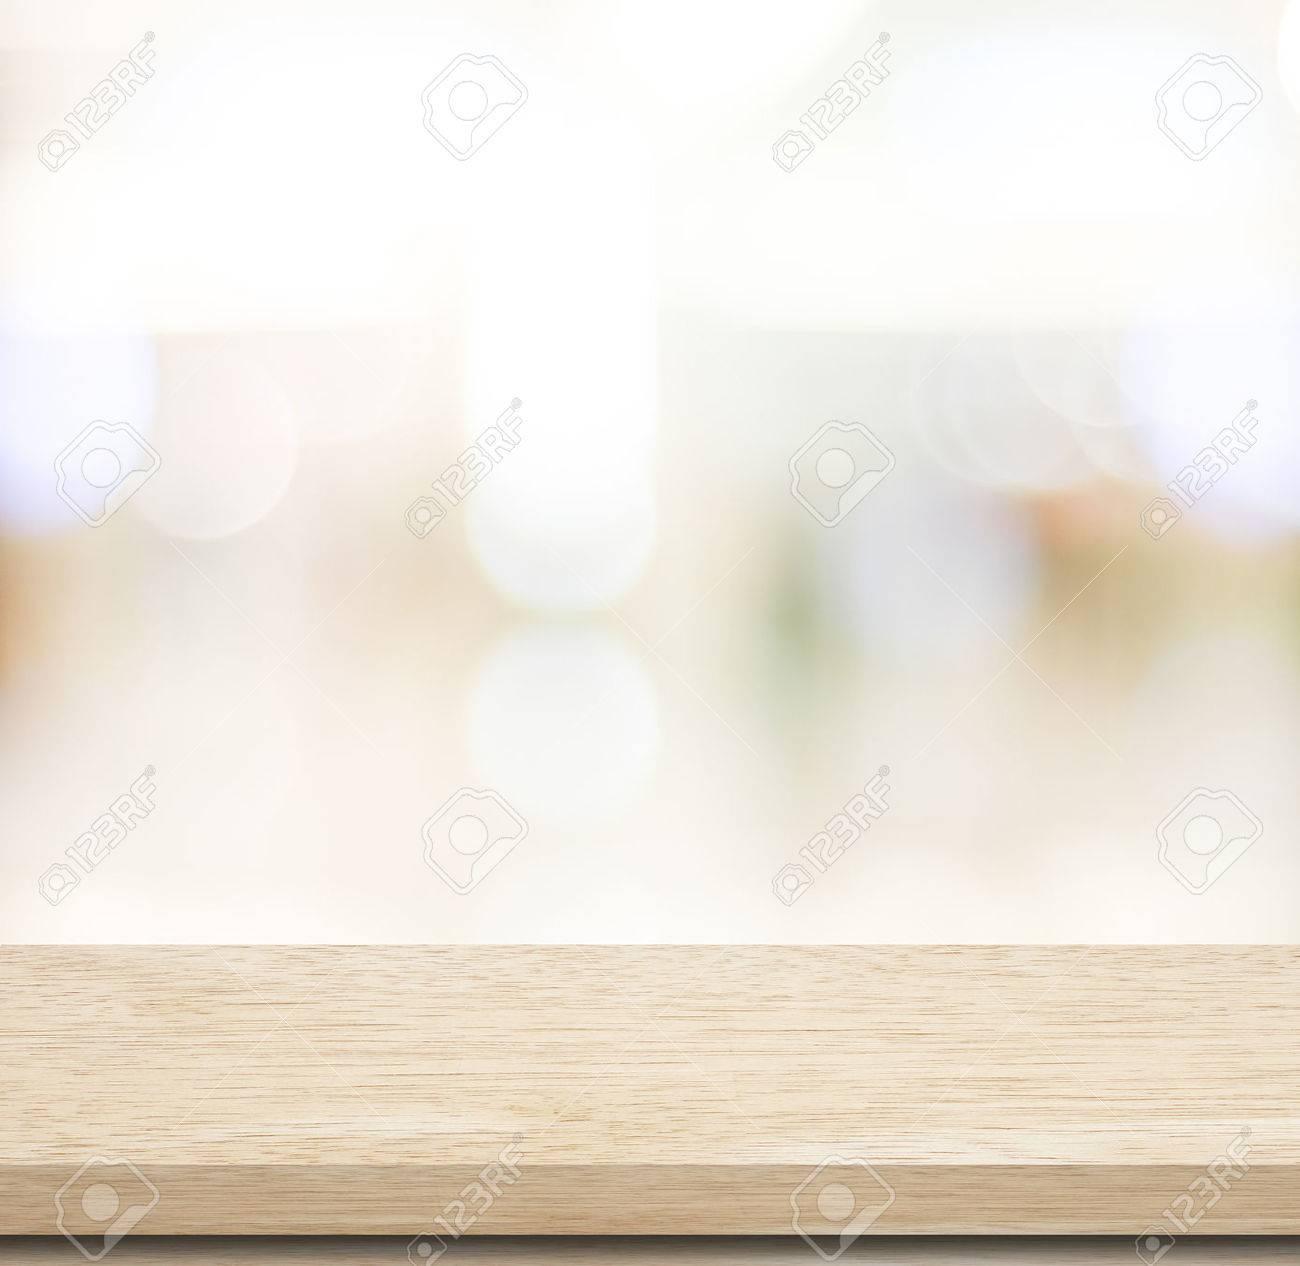 Leere Tabelle Und Verschwommene Geschäft Mit Bokeh Hintergrund ...